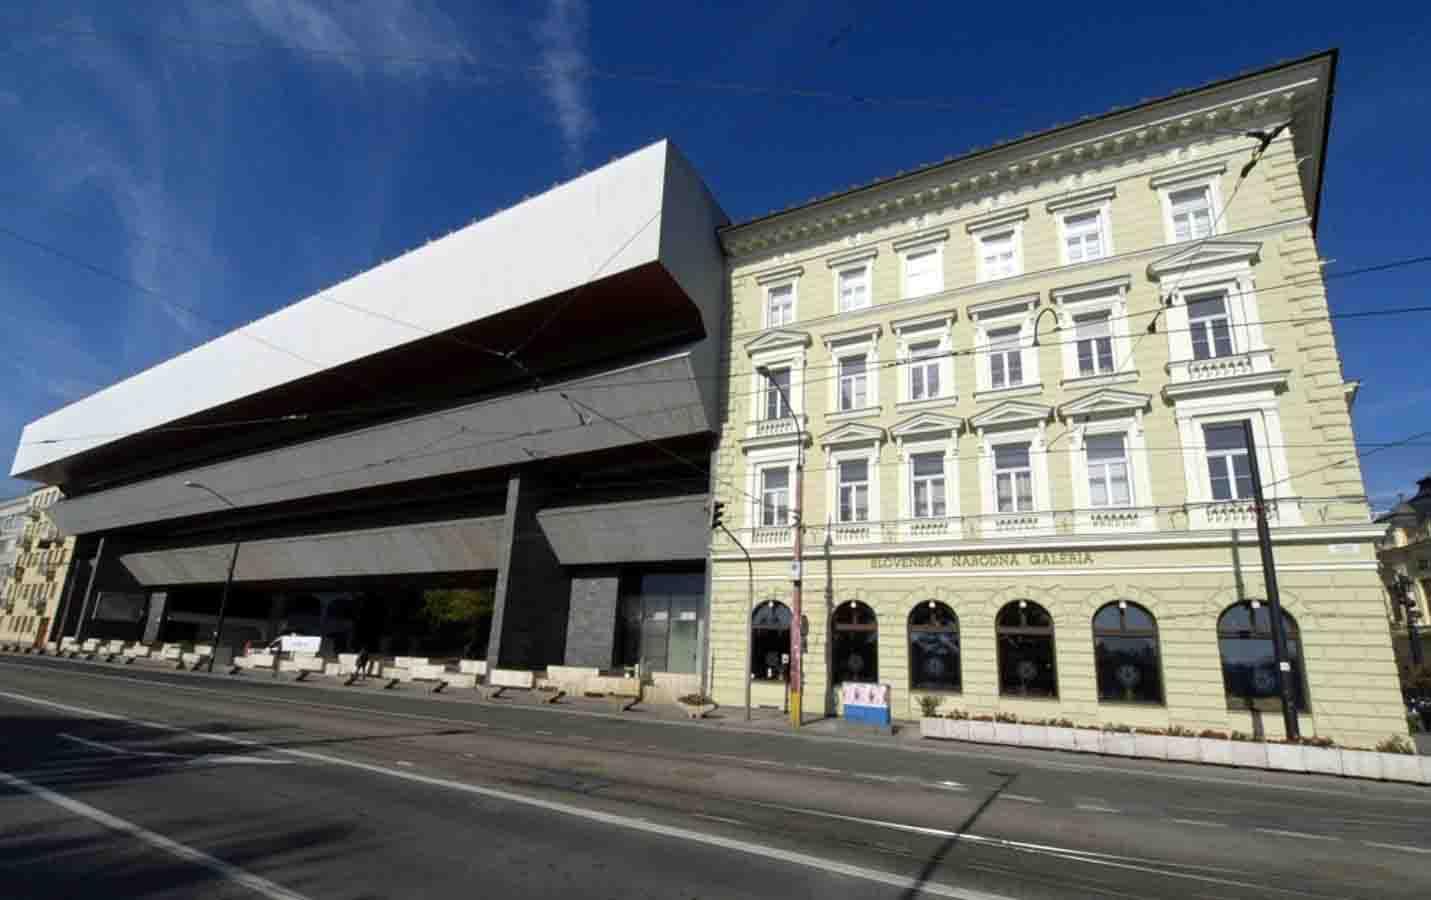 bratislava-slovenska-narodna-galeria